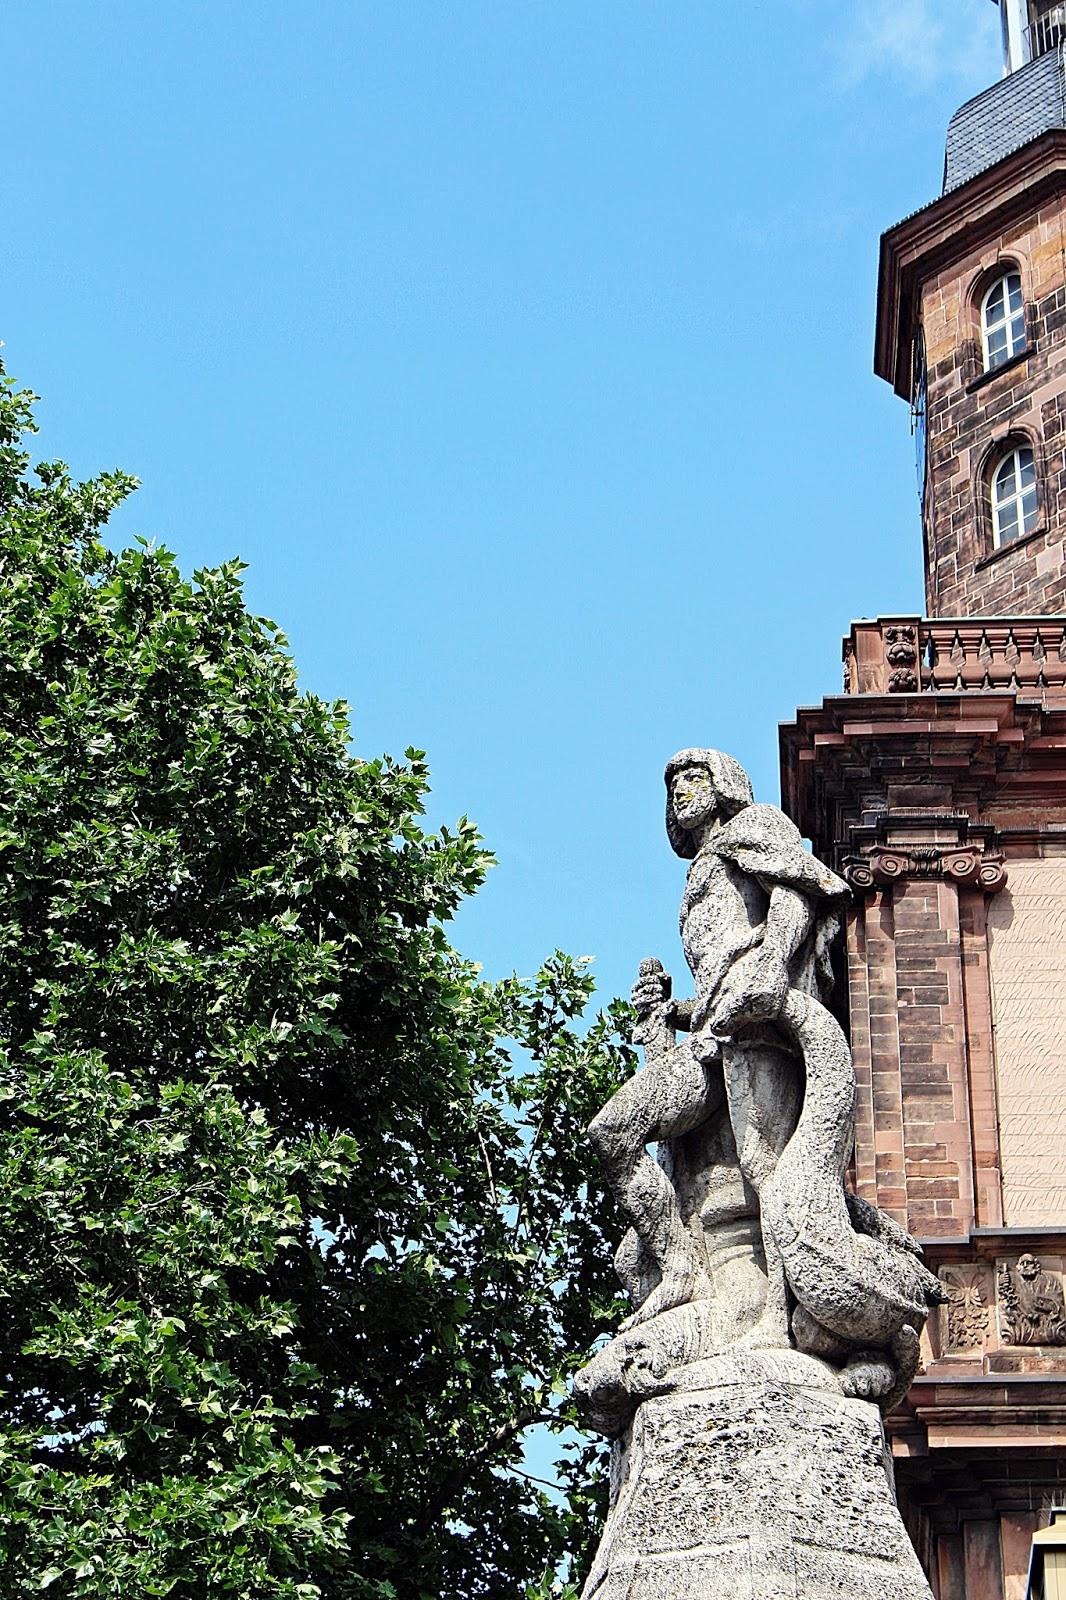 Bild vom Siegfried-Brunnen